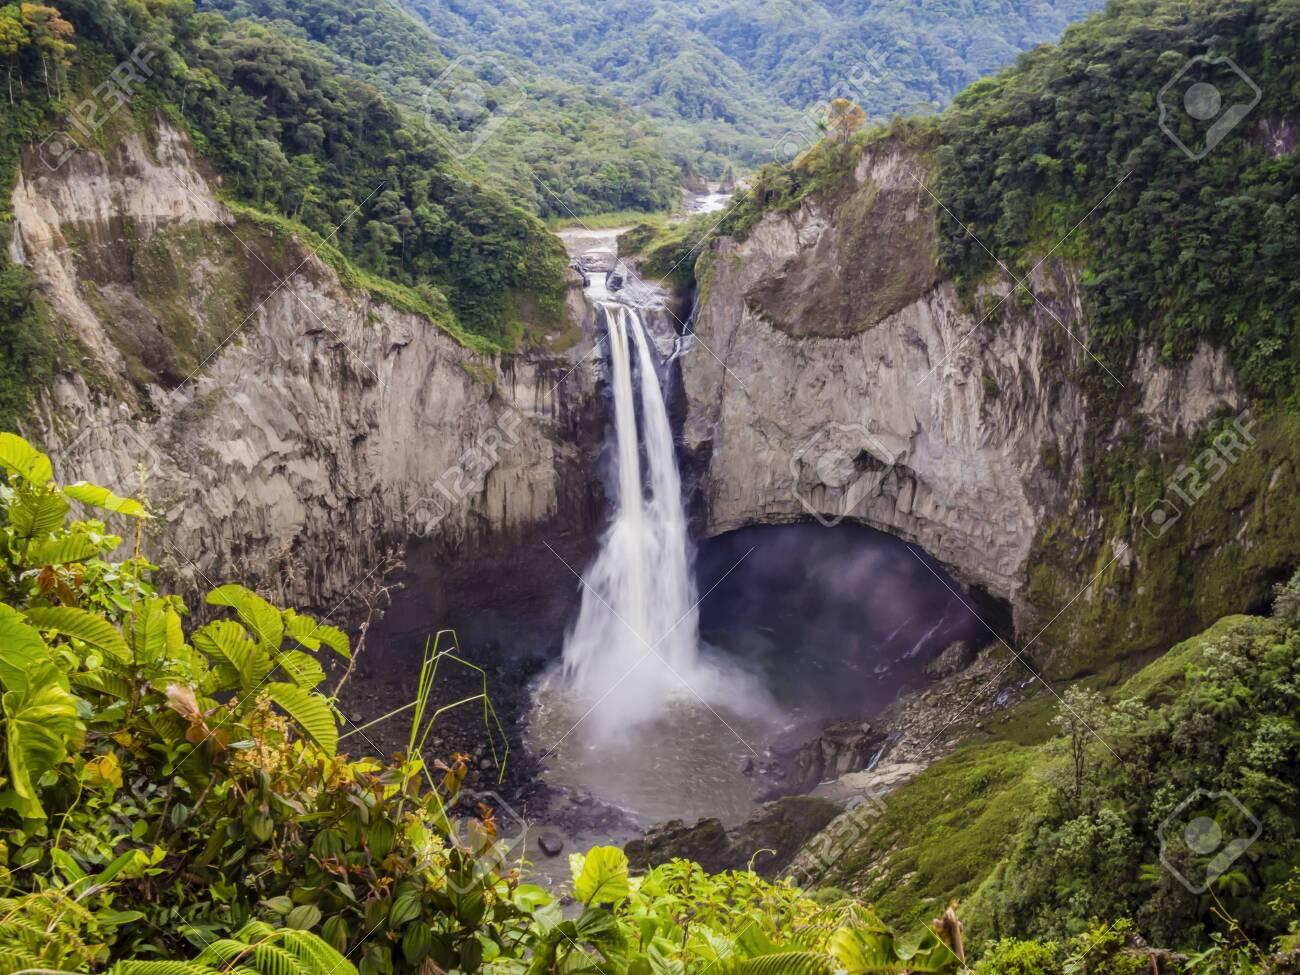 Majestic San Rafael waterfalls in the lush rainforest of Ecuadorian Amazon - 133166921